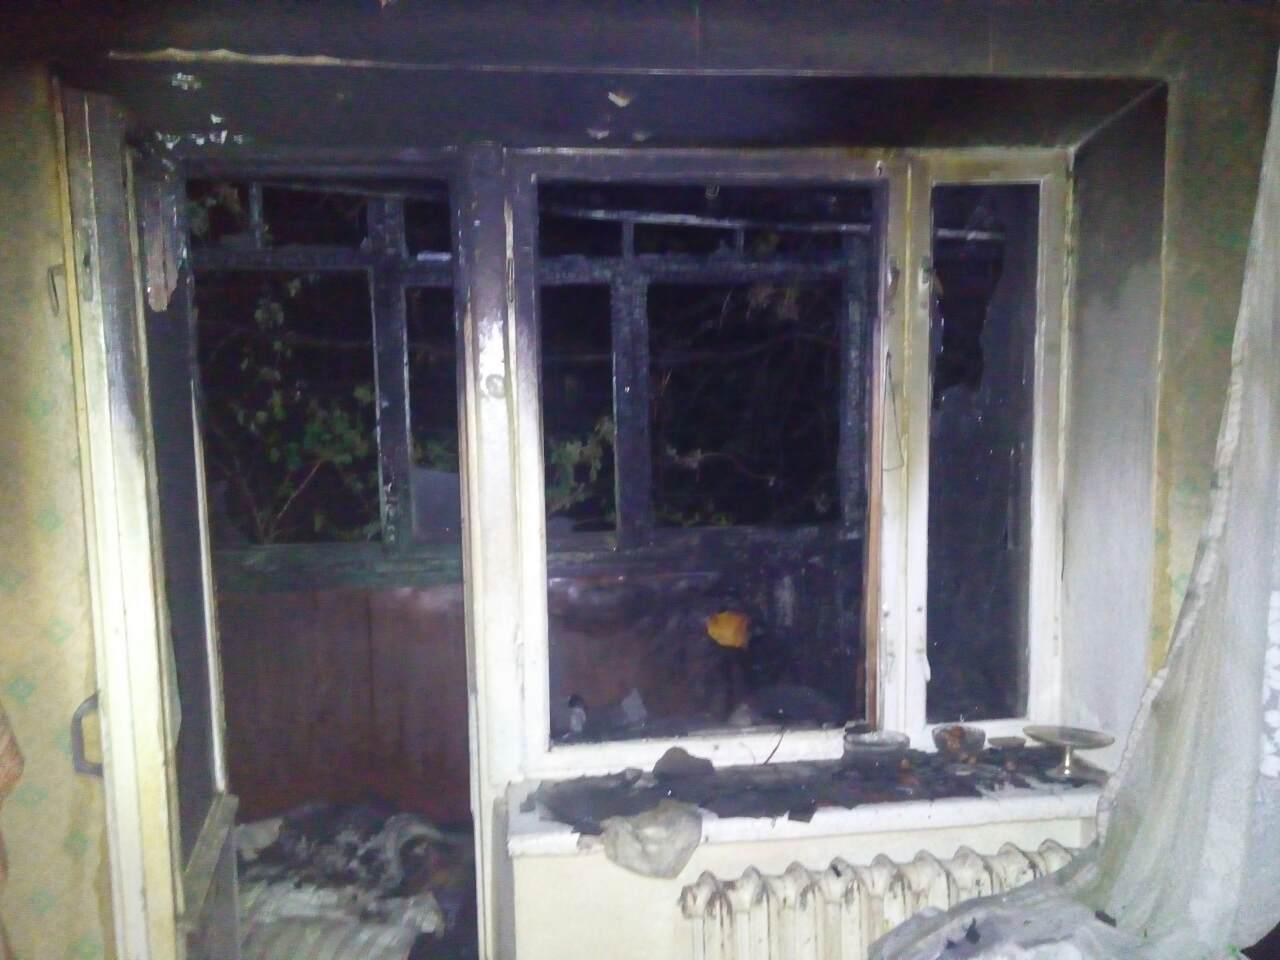 Запорожские спасатели достали из пылающего дома двух женщин и ребенка - ФОТО